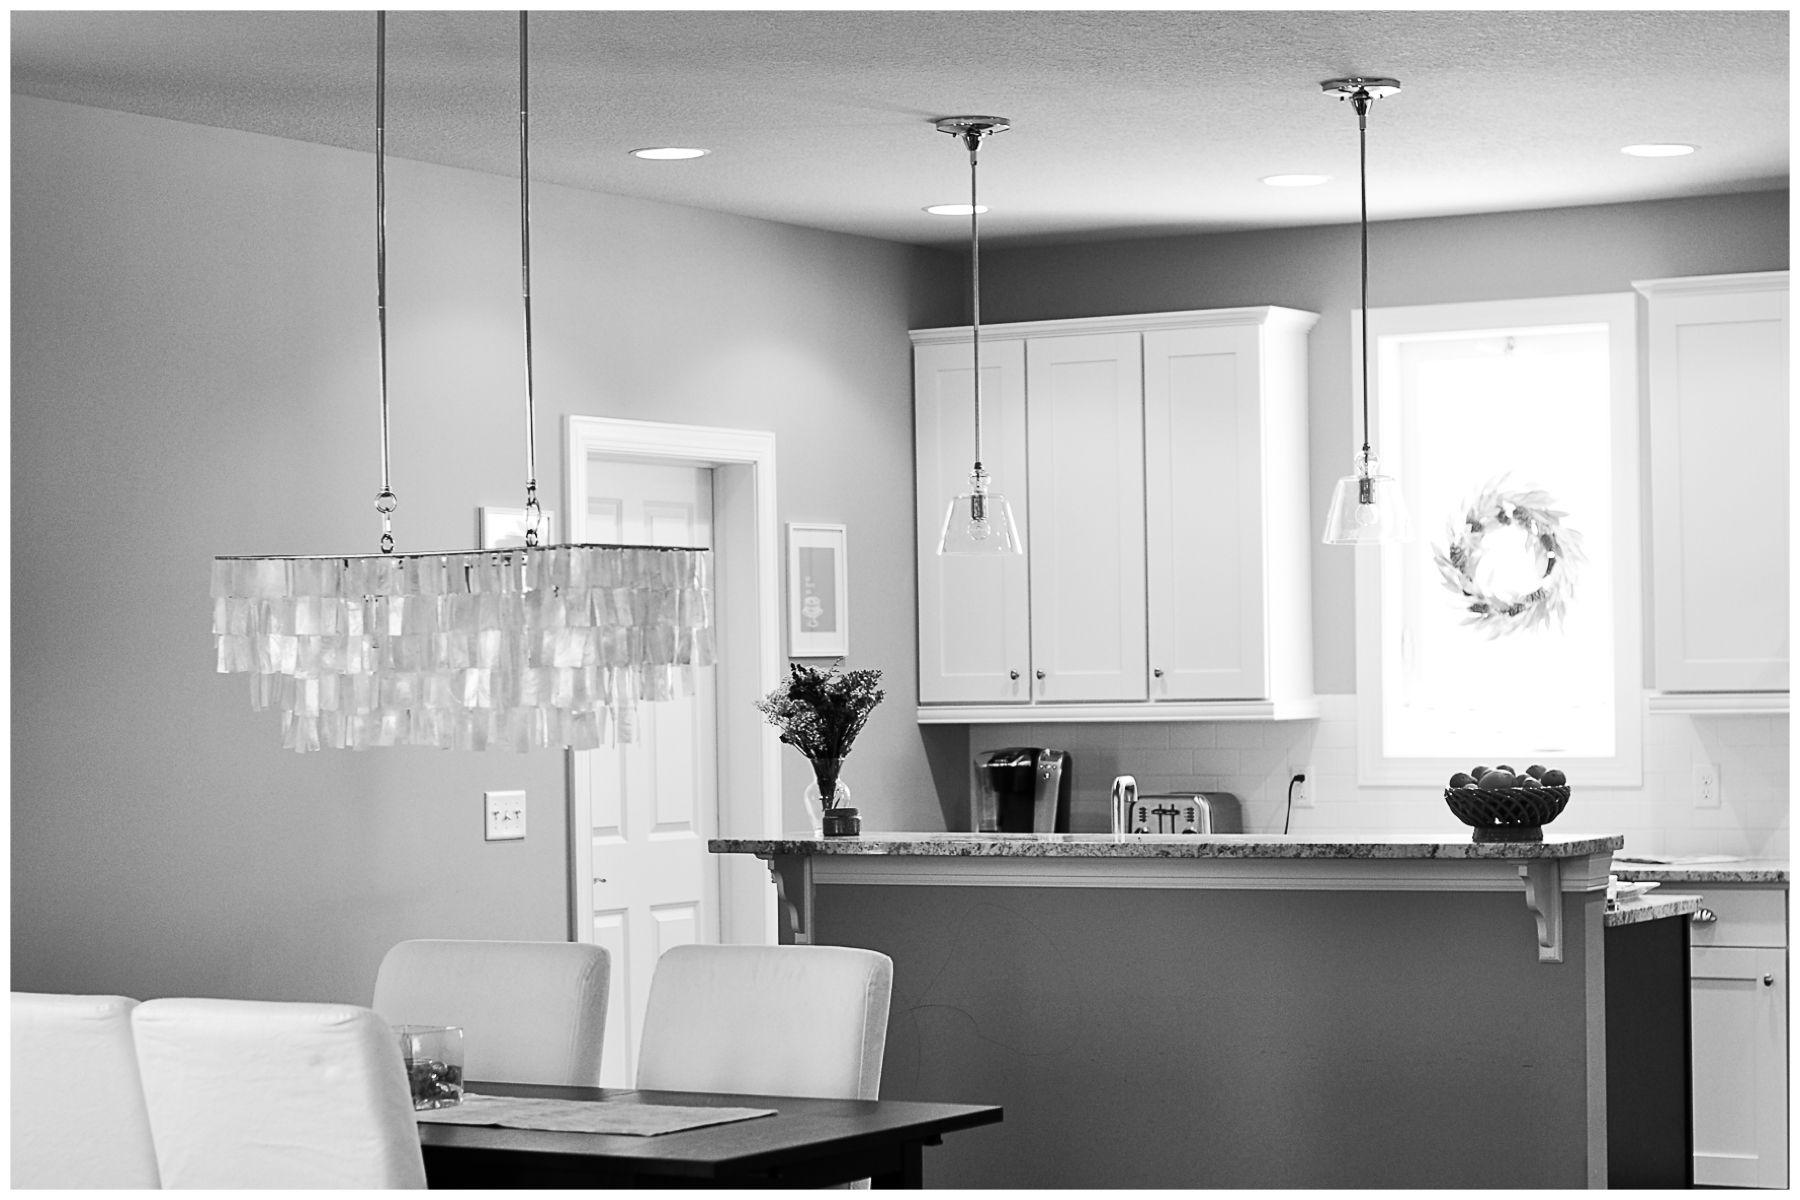 moderne küchenbeleuchtungsanhänger restaurant rustikale anhänger beleuchtung Über der insel beleuchtungs ideen modern küche sterben kronleuchter